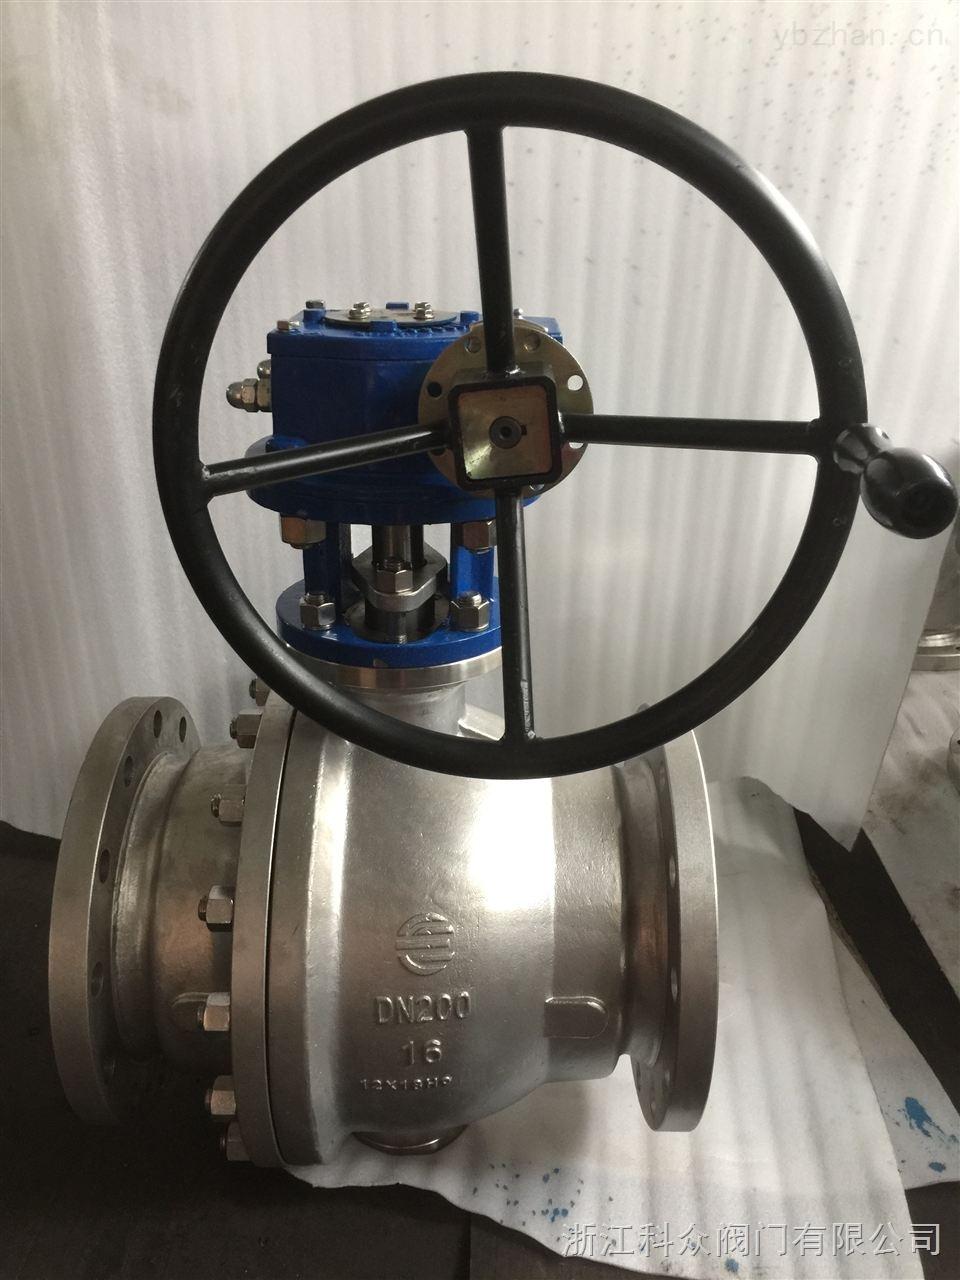 Q347N-1500LB-美標不銹鋼Q347N-1500LB 高壓硬密封鍛鋼球閥 耐磨抗腐蝕量大價優